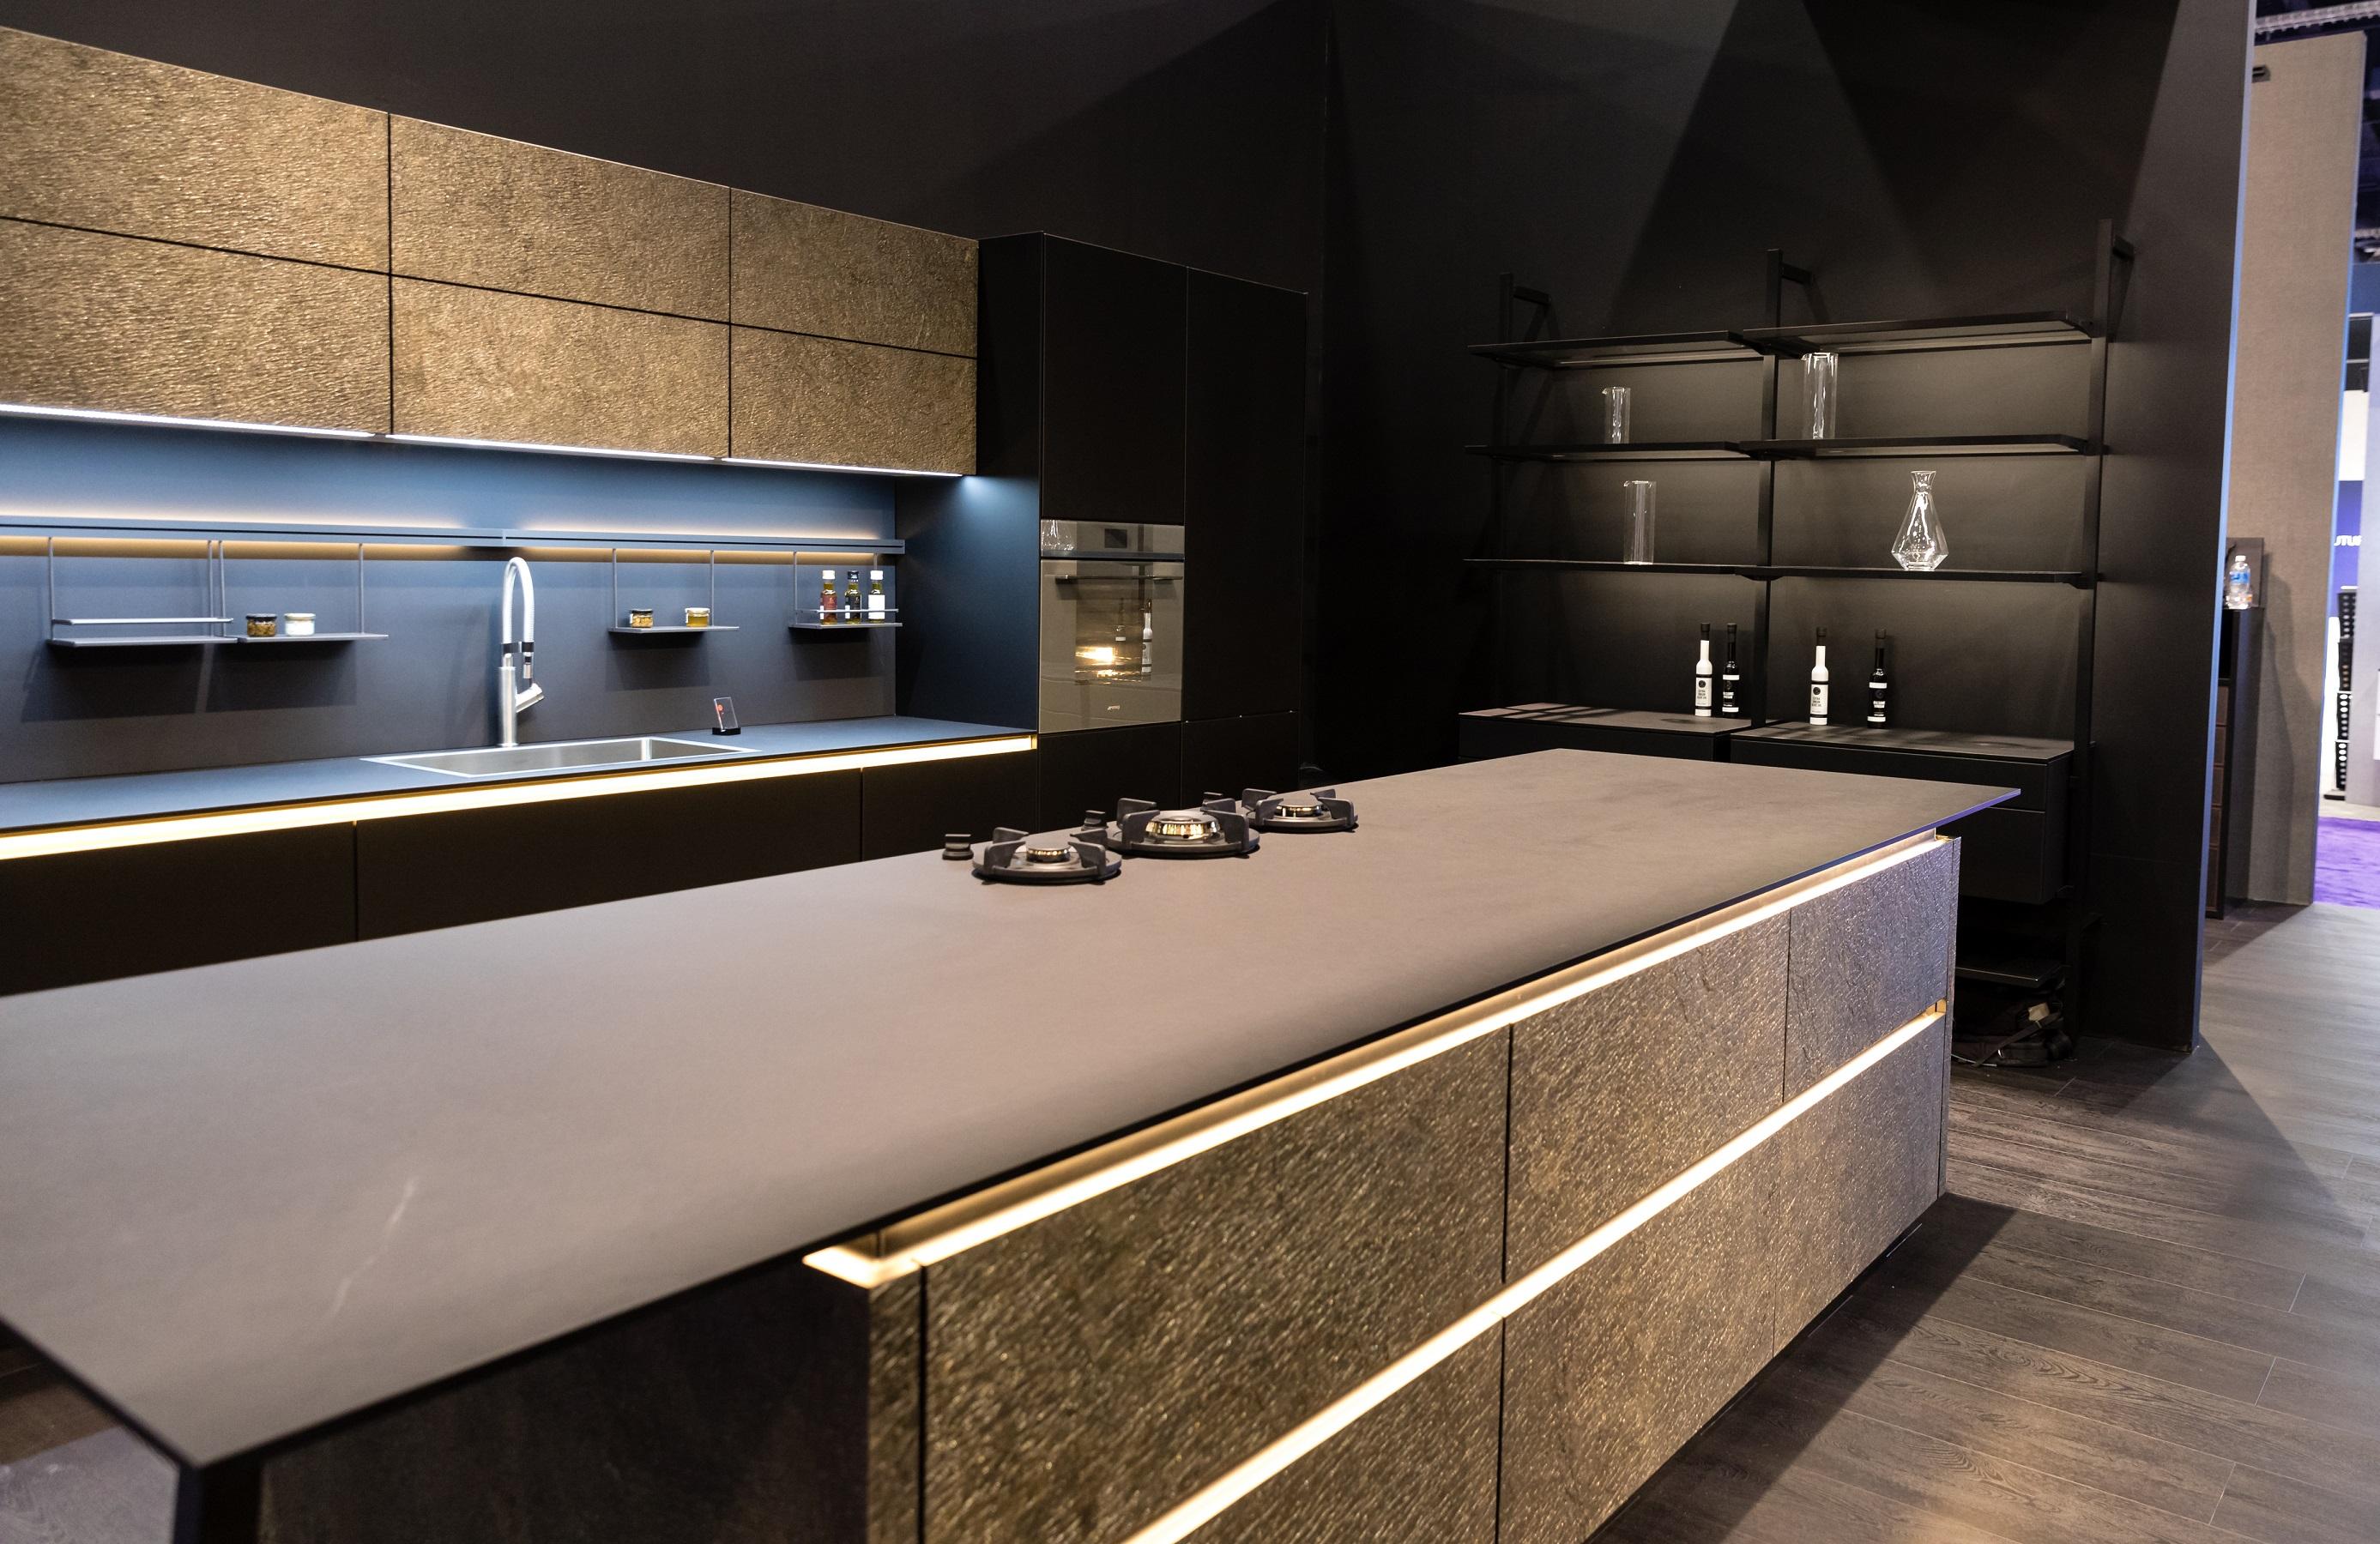 Design Journal Adex Awards Kitchen Cabinets